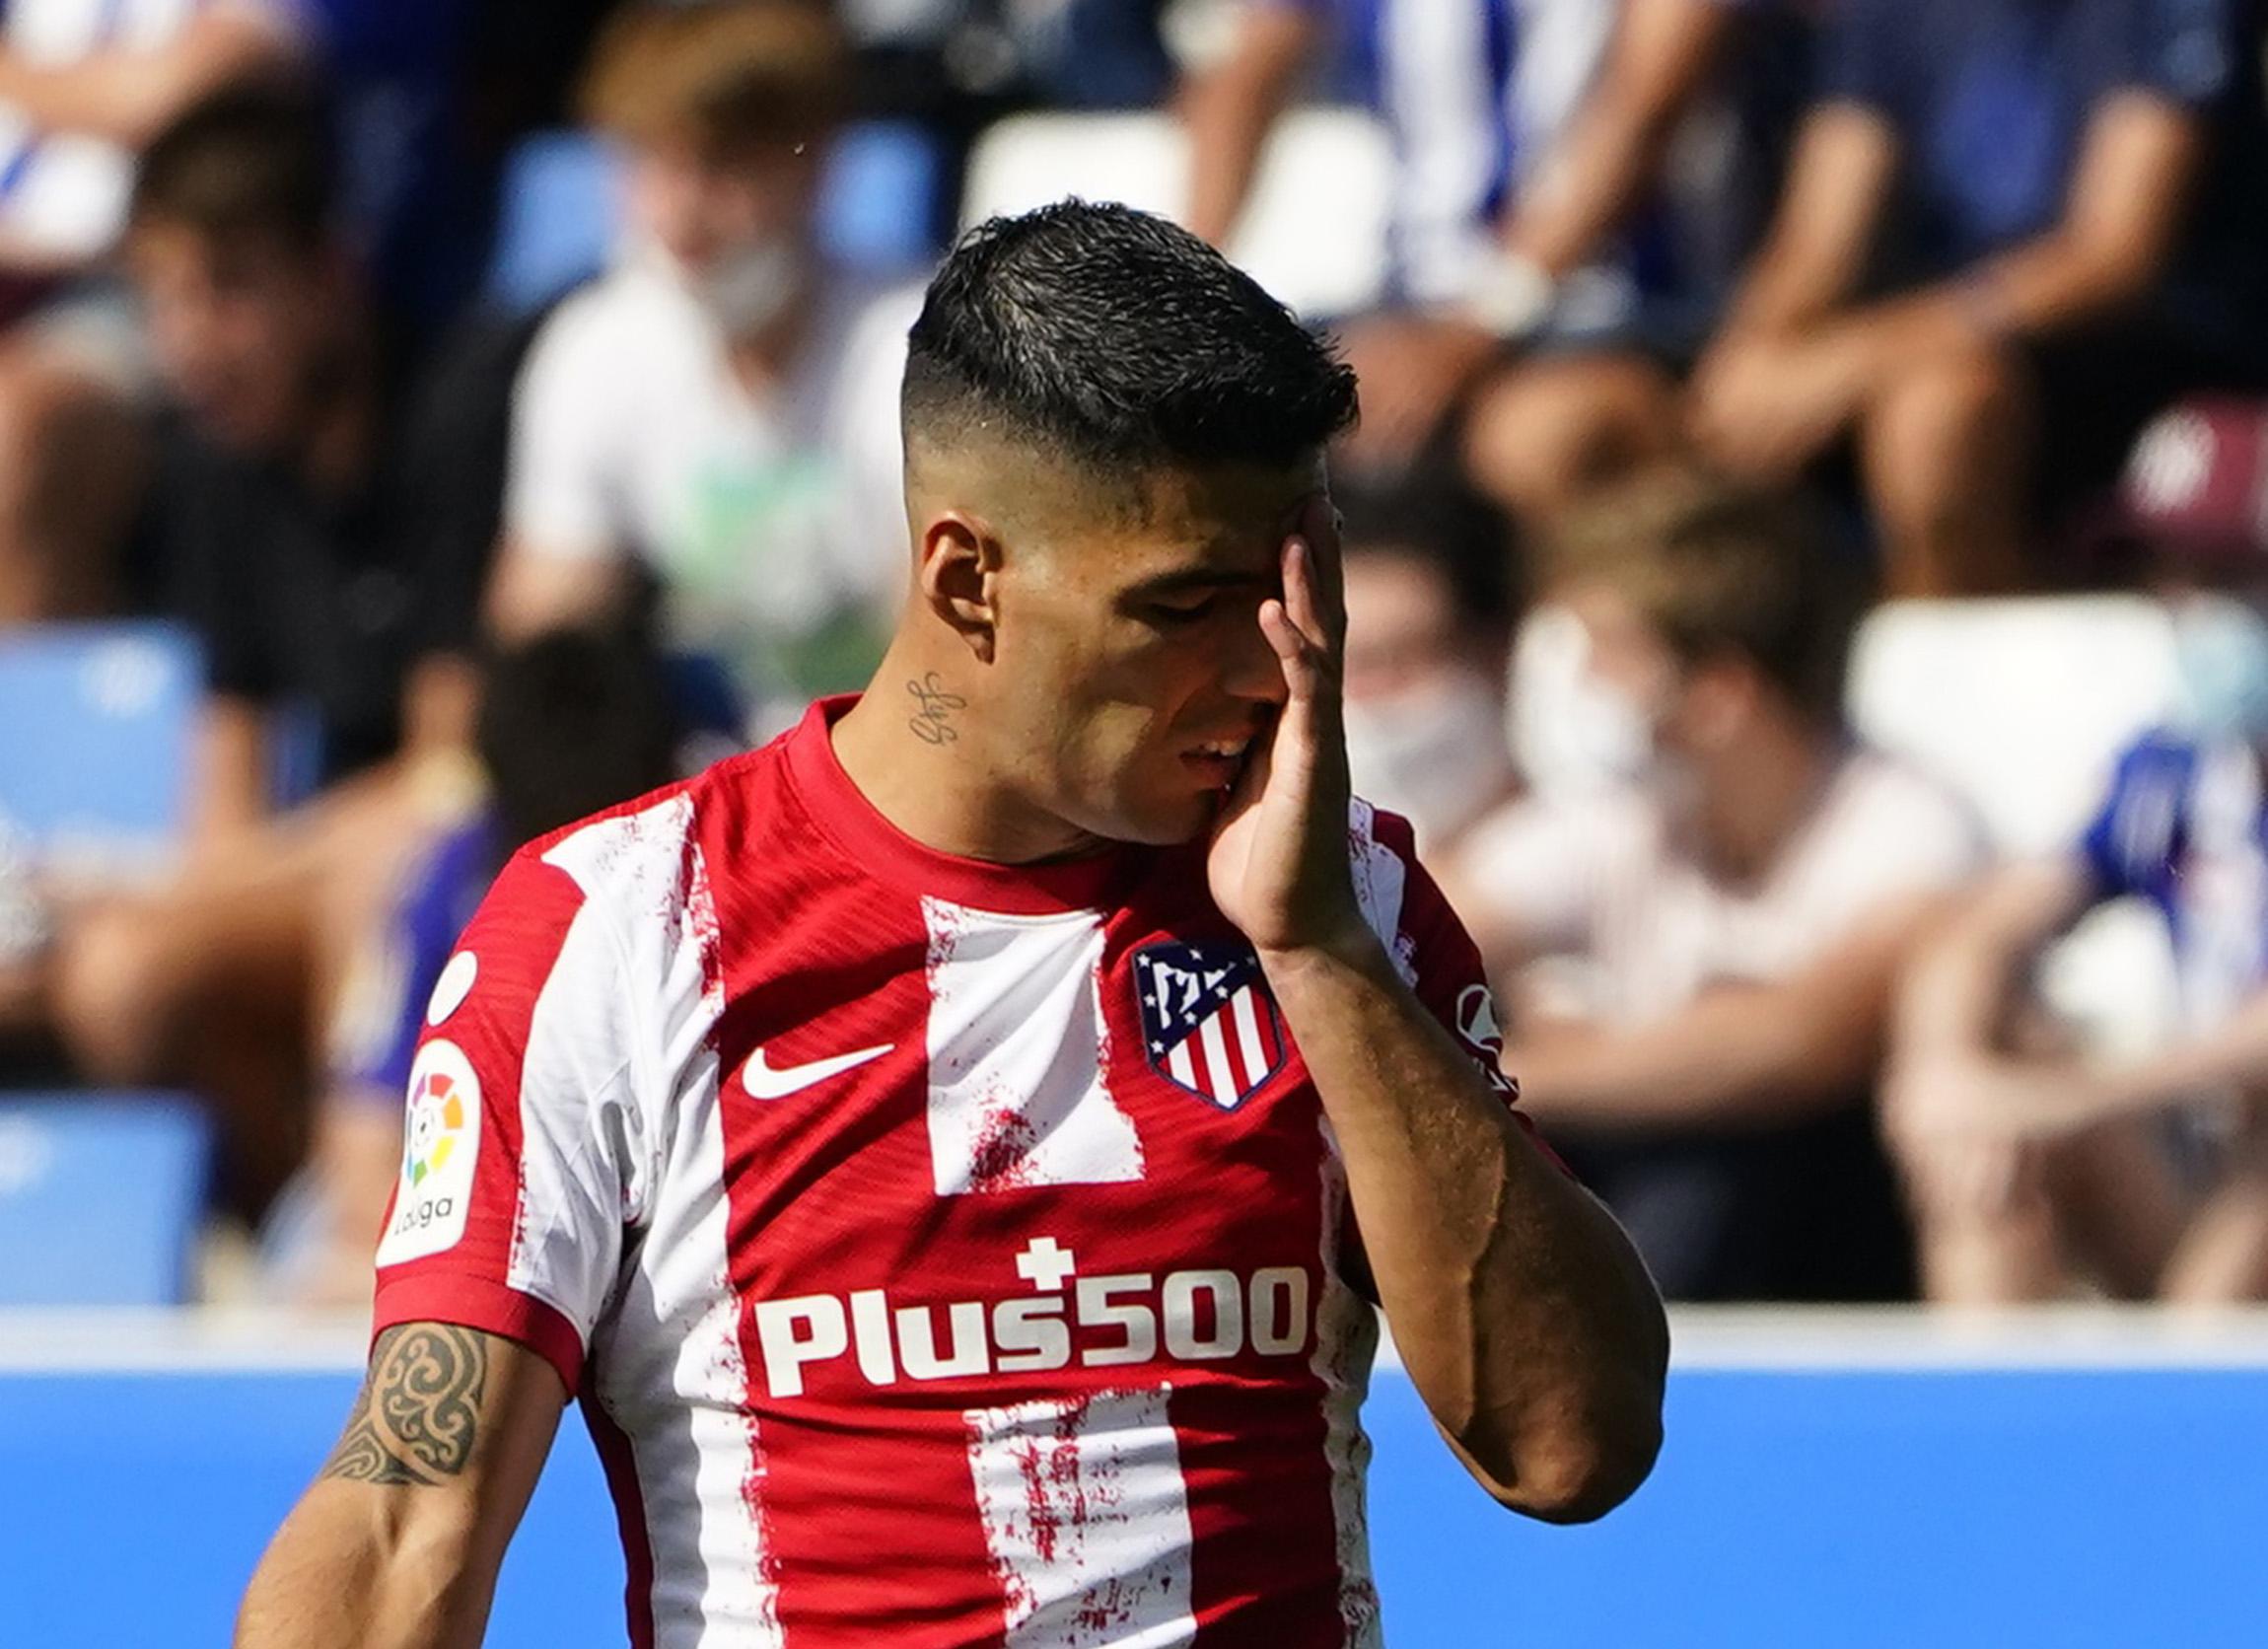 Αλαβές – Ατλέτικο Μαδρίτης 1-0: Πρώτη ήττα και «δώρο» σε Ρεάλ Μαδρίτης